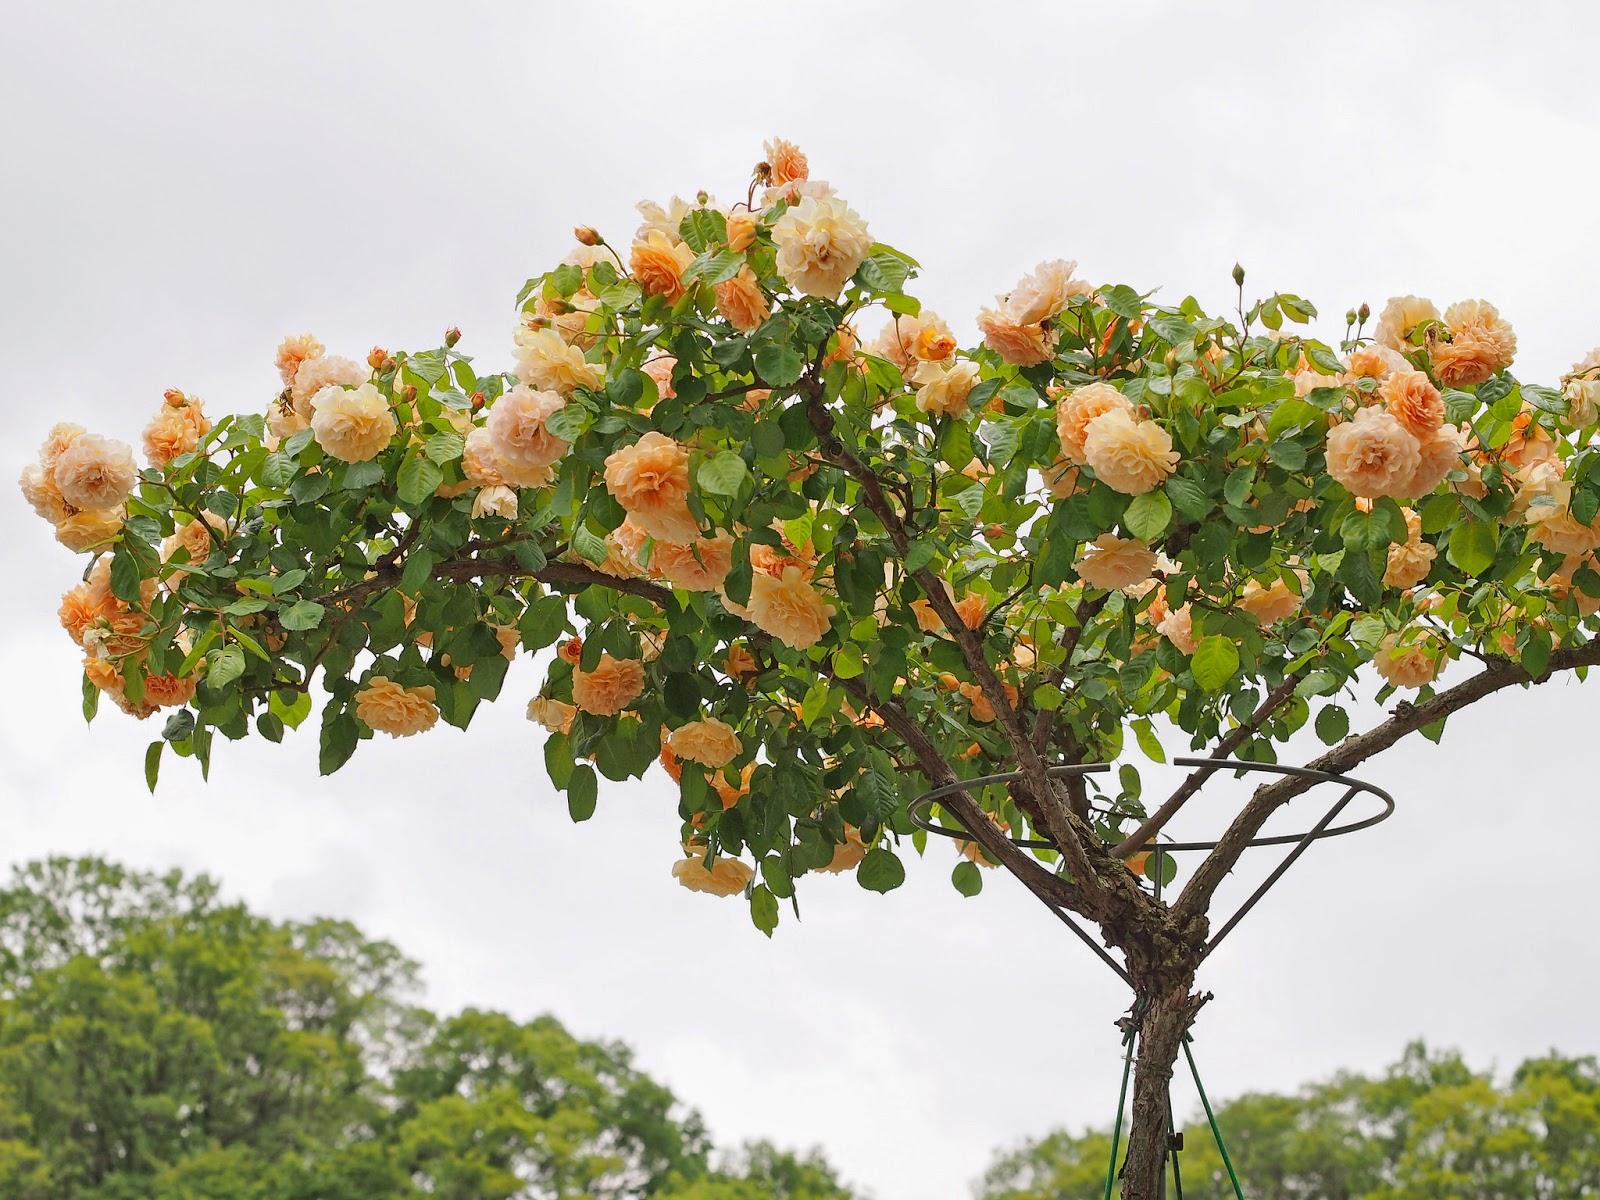 Árboles con bellas flores color de la flor y época de floración - Imagenes De Arboles Rosas